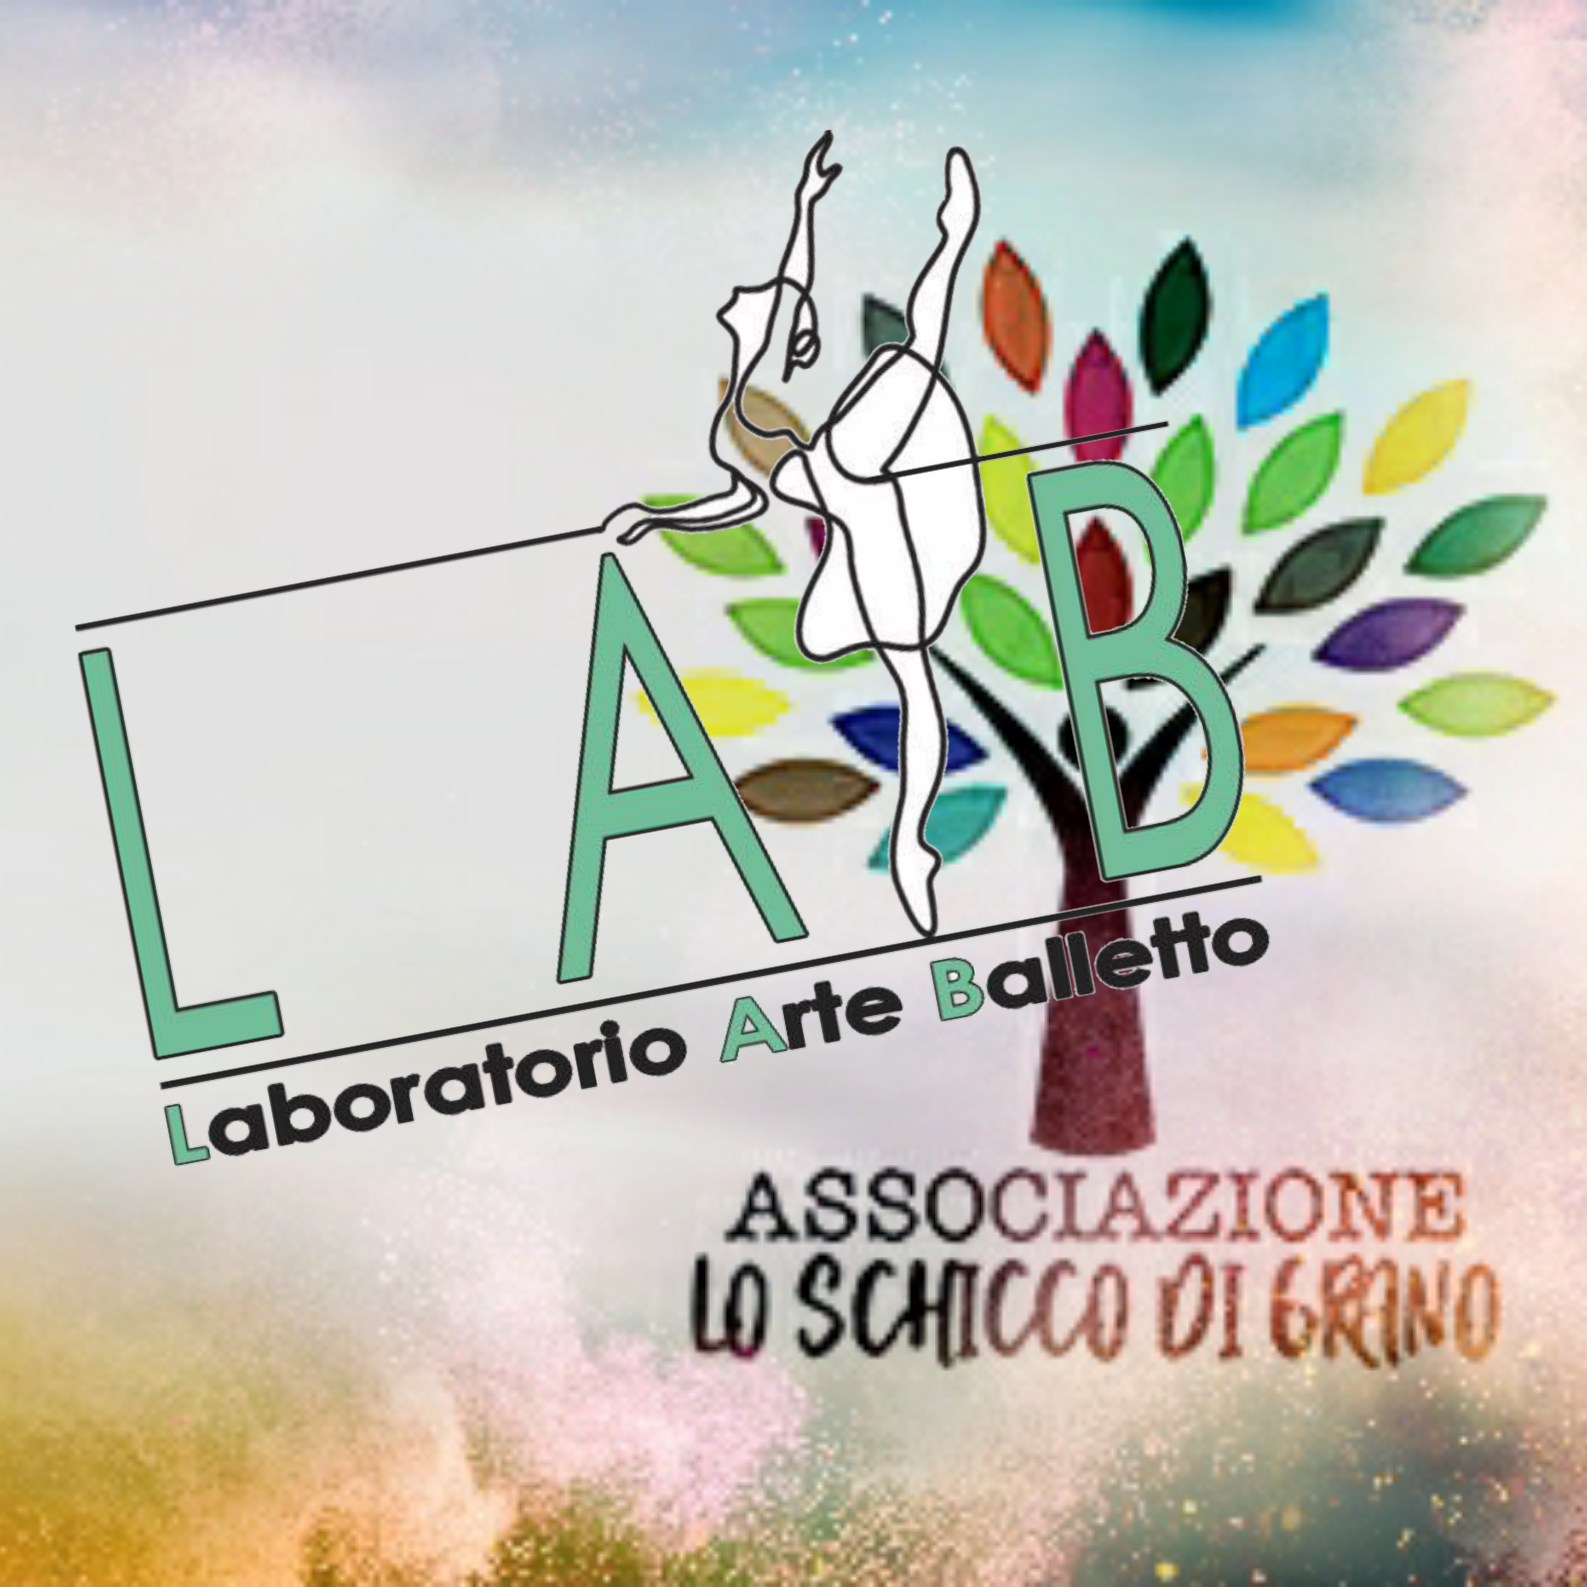 Scuola di Danza Lab